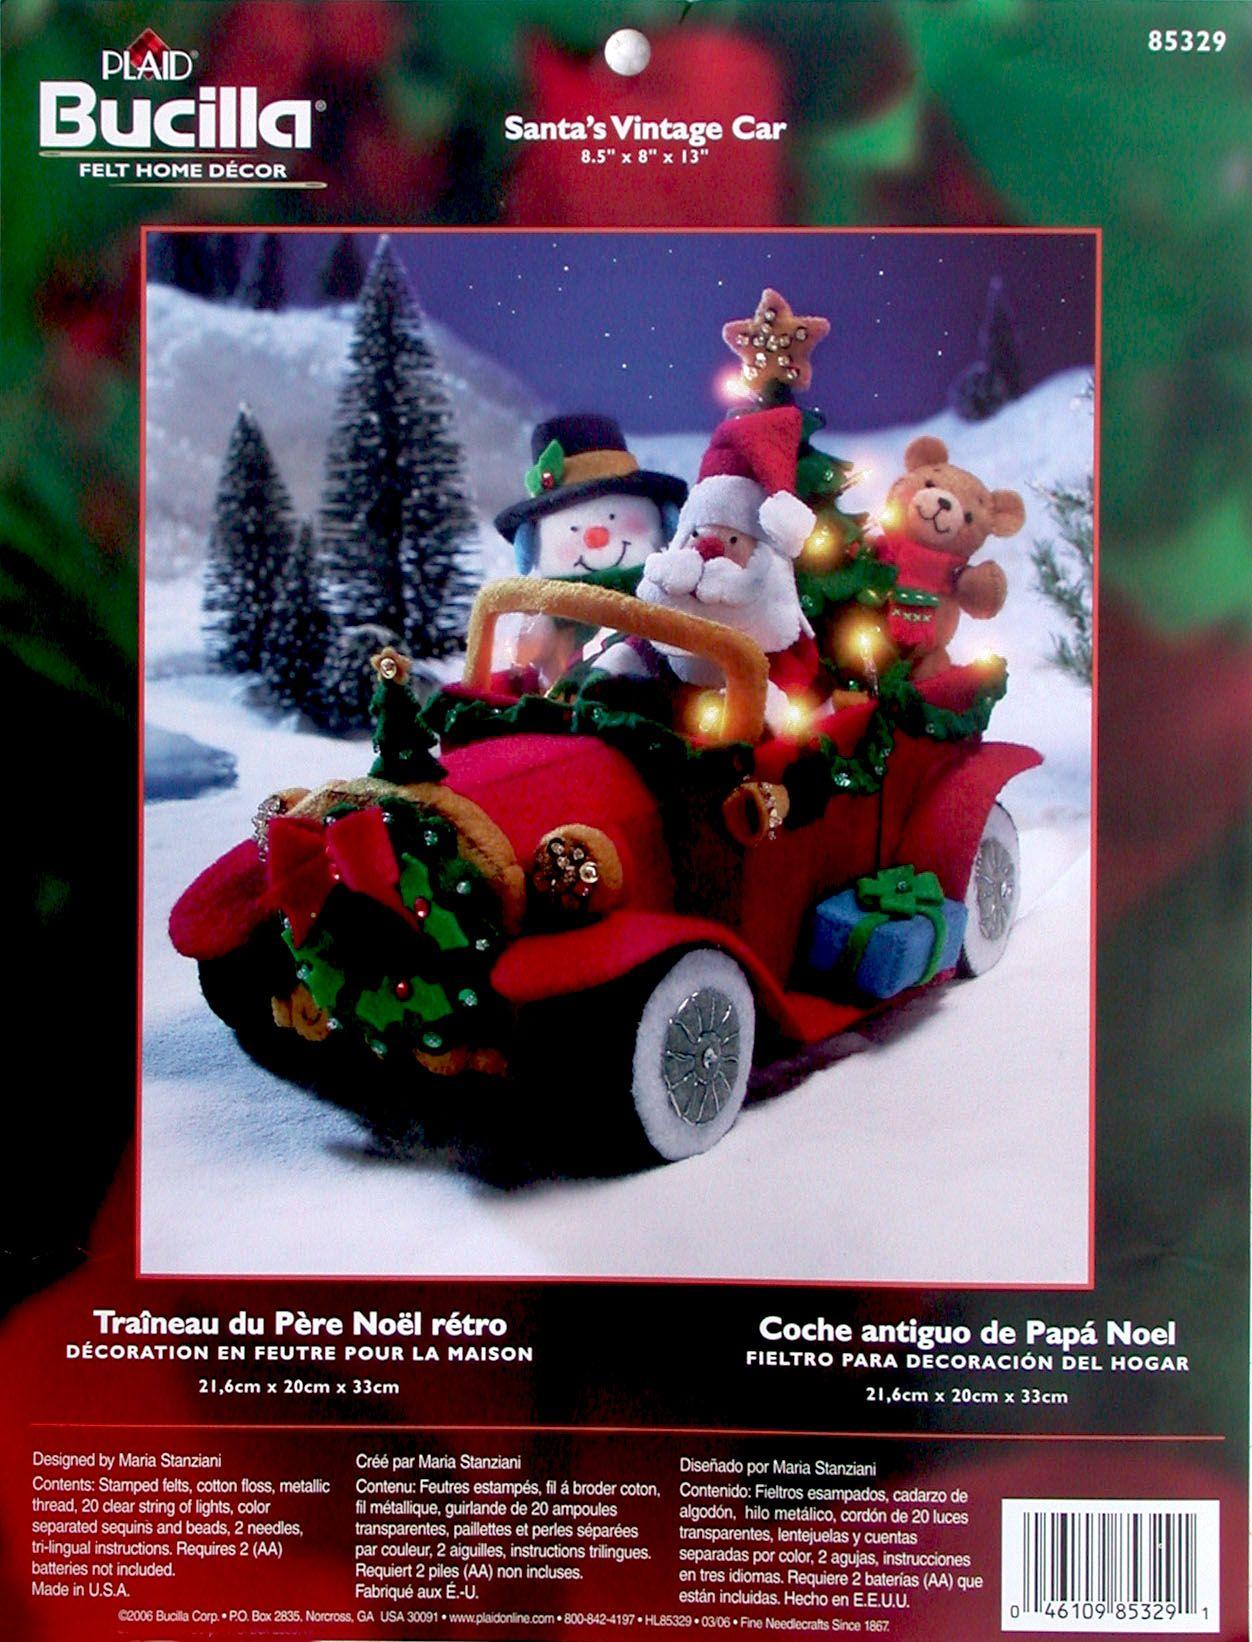 Santa s Vintage Car Bucilla Felt Christmas 3D Home Decor Kit